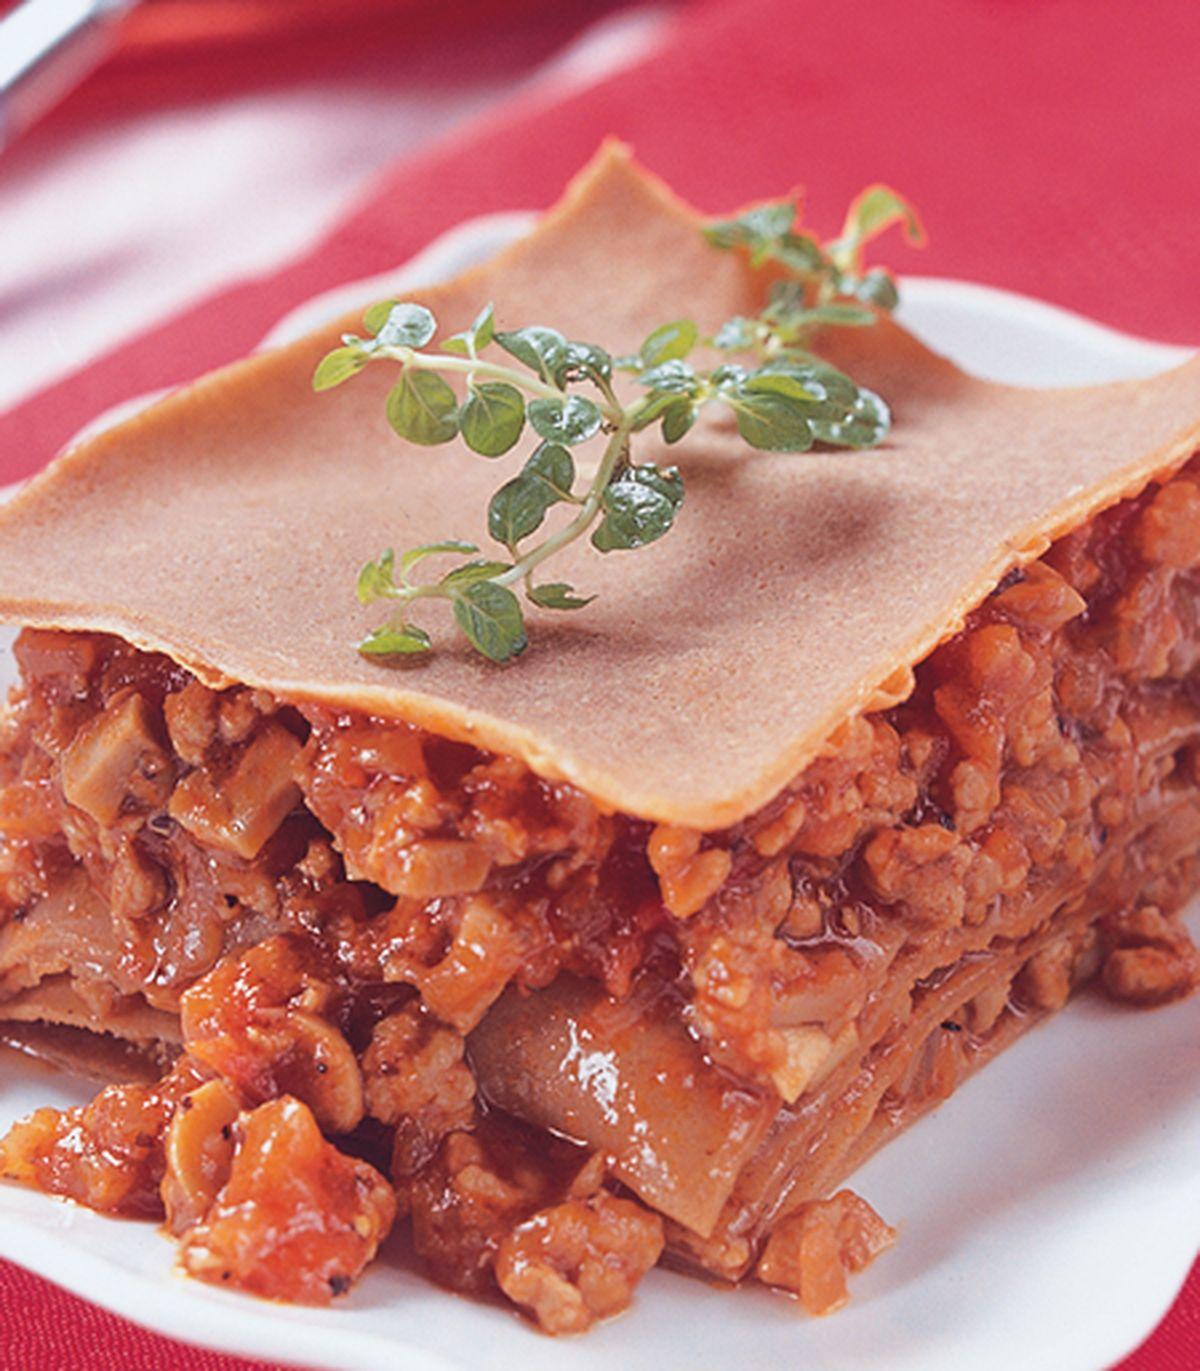 食譜:蕃茄肉醬千層可麗餅